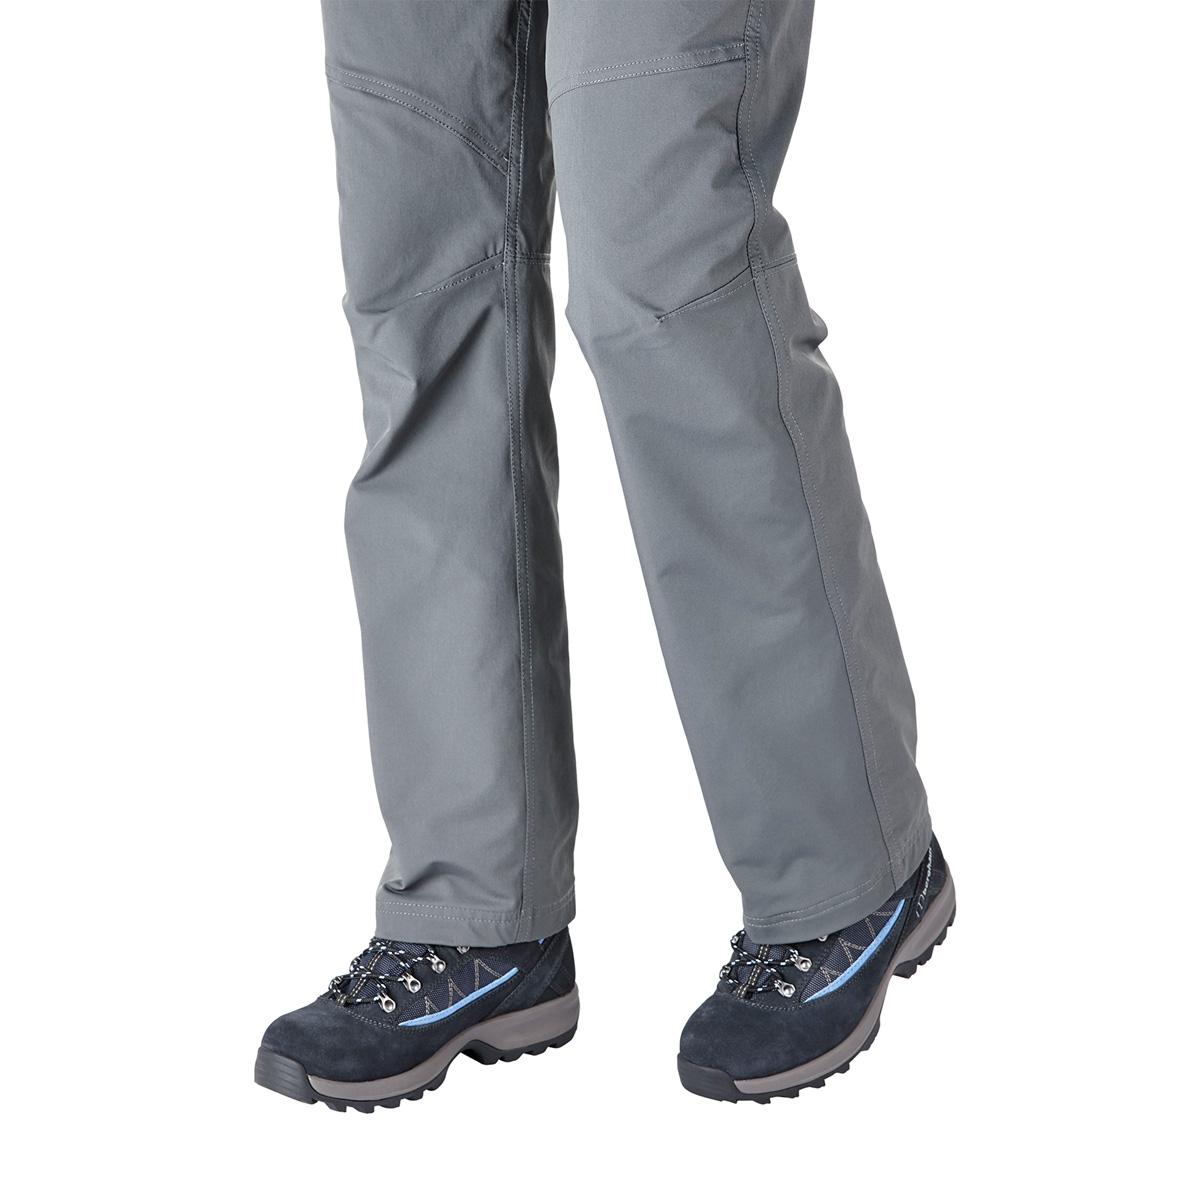 ... Image of Berghaus Explorer Trek Plus GTX Walking Boots (Women s) - Navy    Soft 3bda2b8db